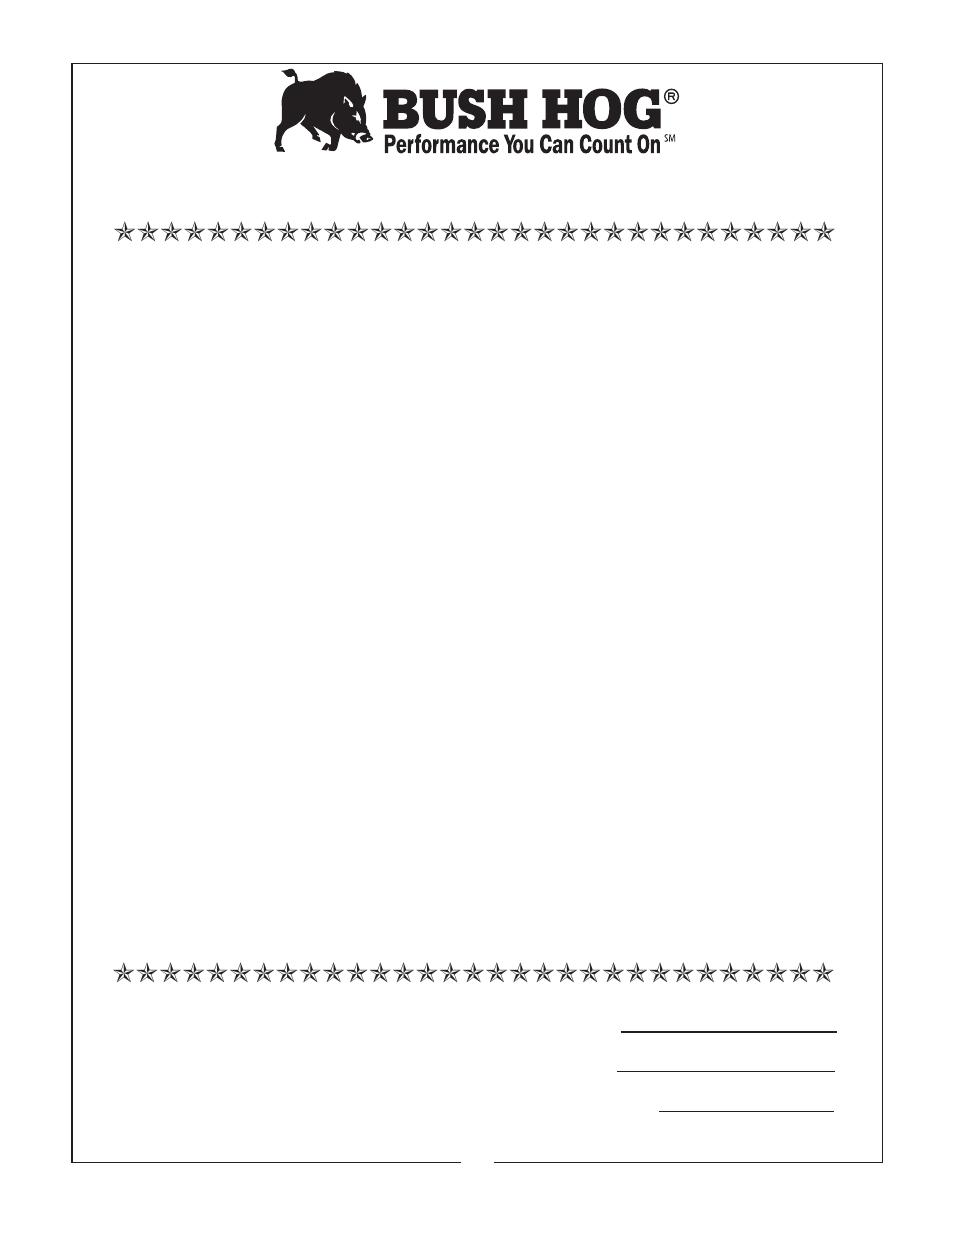 Limited warranty | Bush Hog EFM 480/600 User Manual | Page 4 / 20